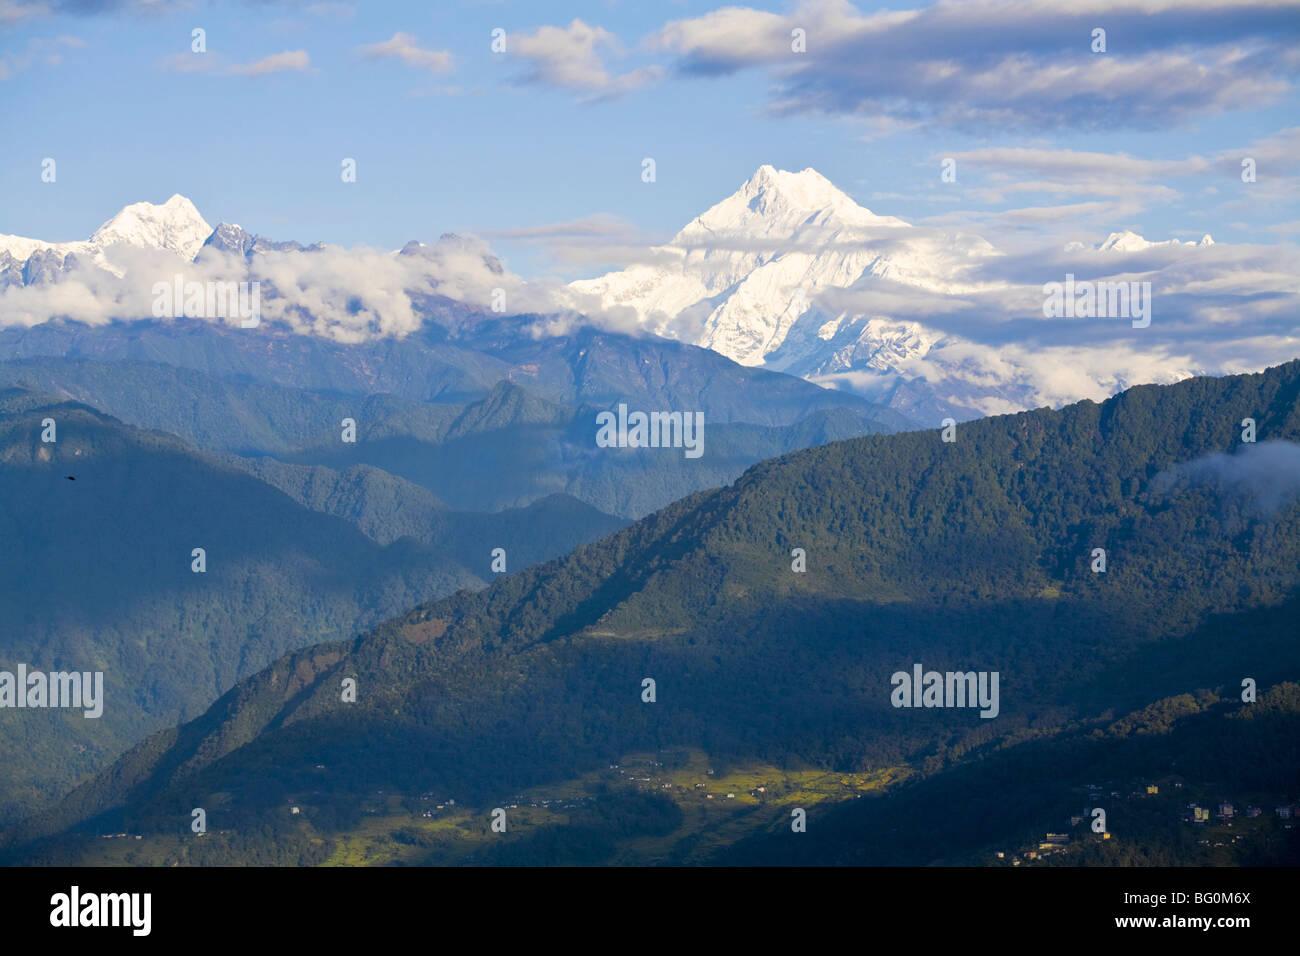 Avis de Kanchenjunga, gamme Kangchendzonga, Tashi, Gangtok, Sikkim, Inde, Asie Banque D'Images